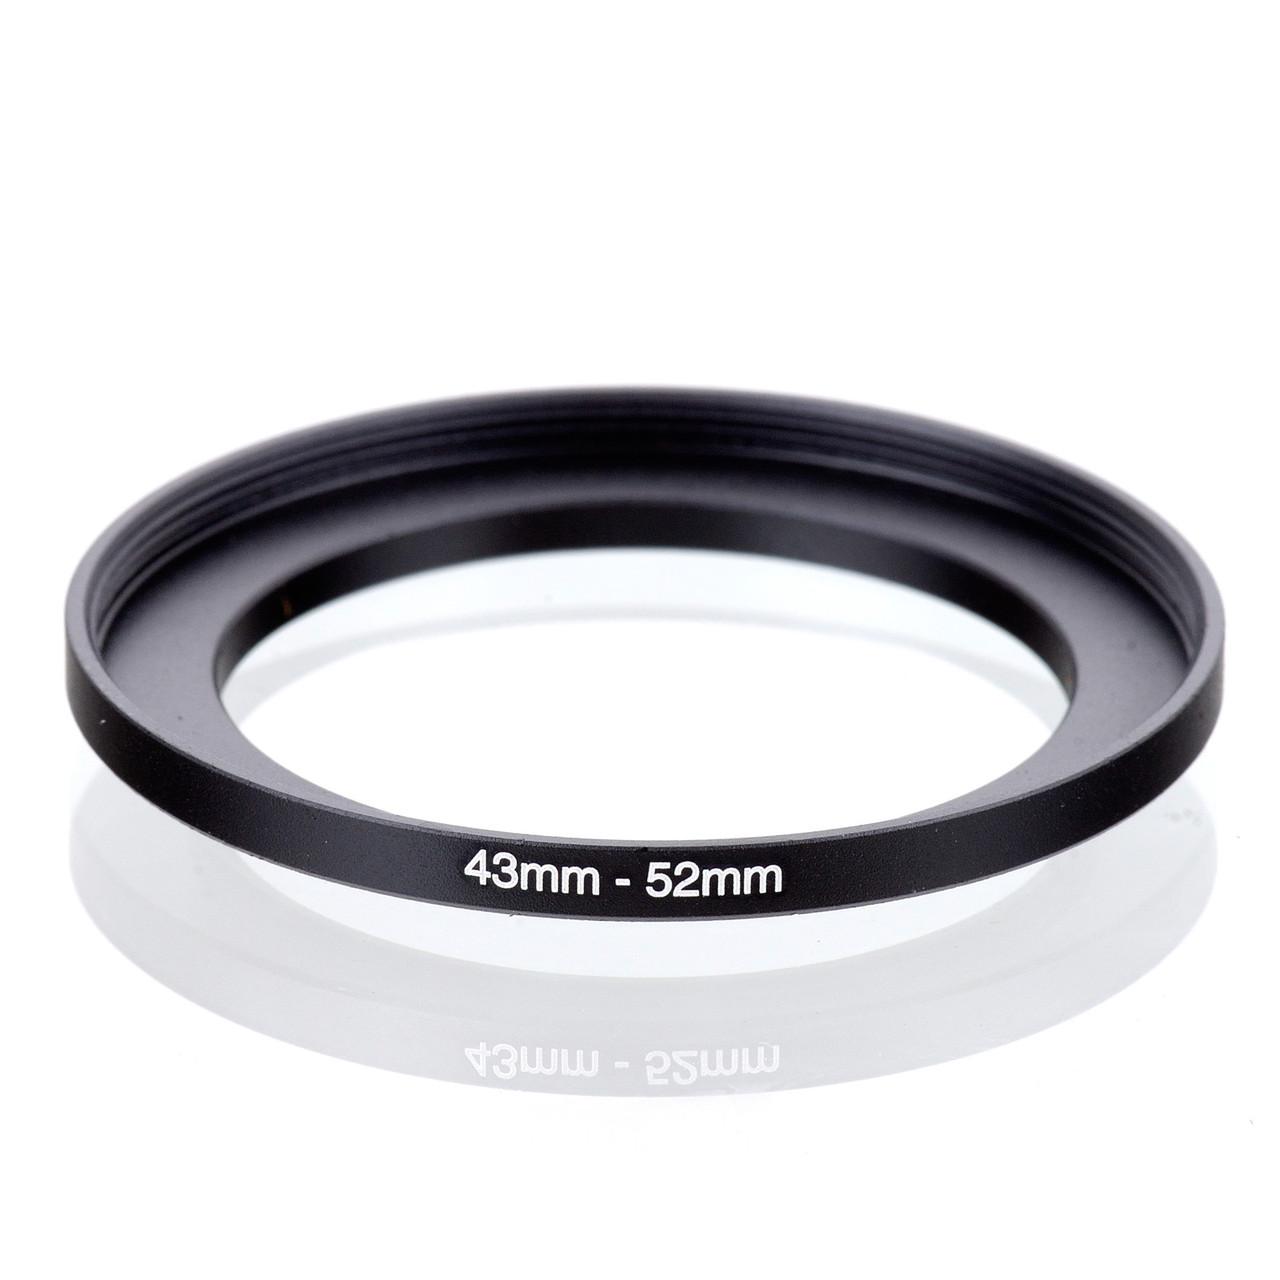 Переходное повышающее кольцо Step-Up (43-52 mm)